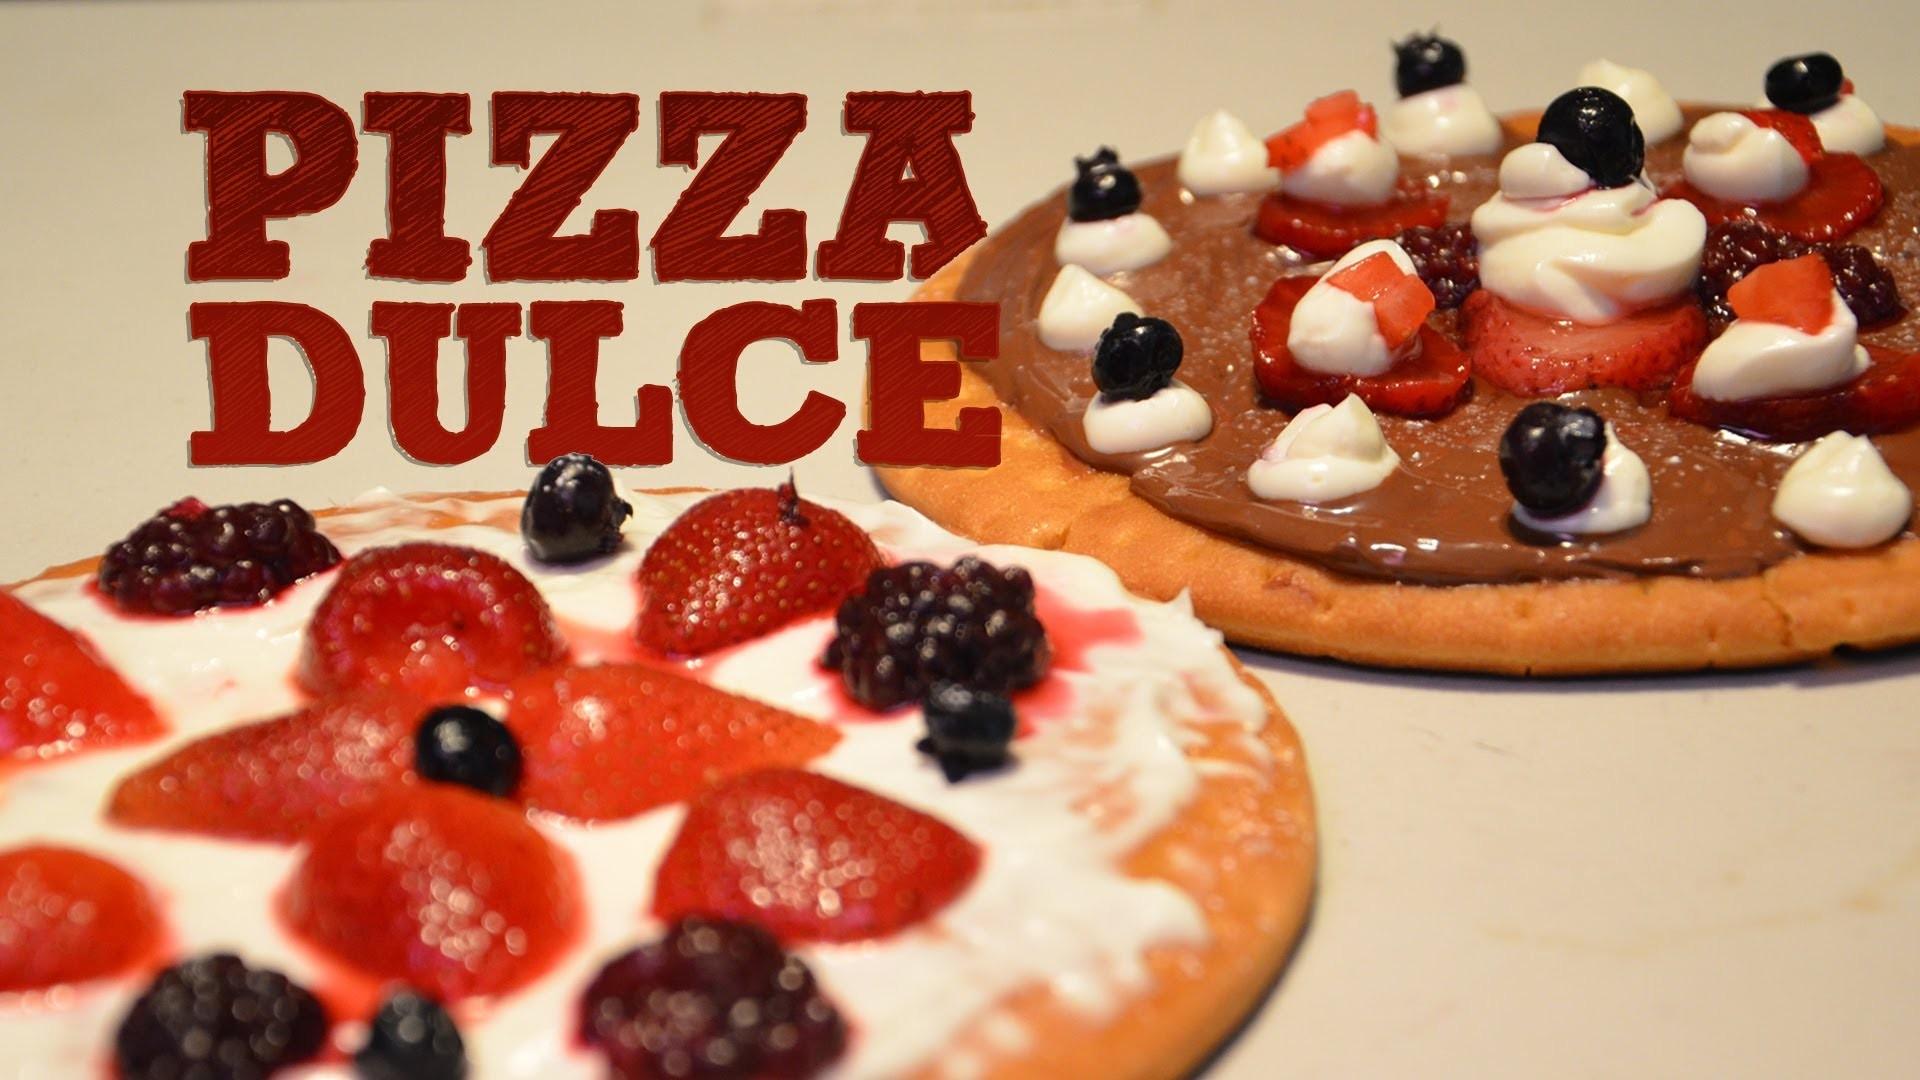 PIZZA DULCE SIN HORNO MUY FÁCIL | Recetas de postres ¿Como hacer pizza dulce? | Recetas fáciles